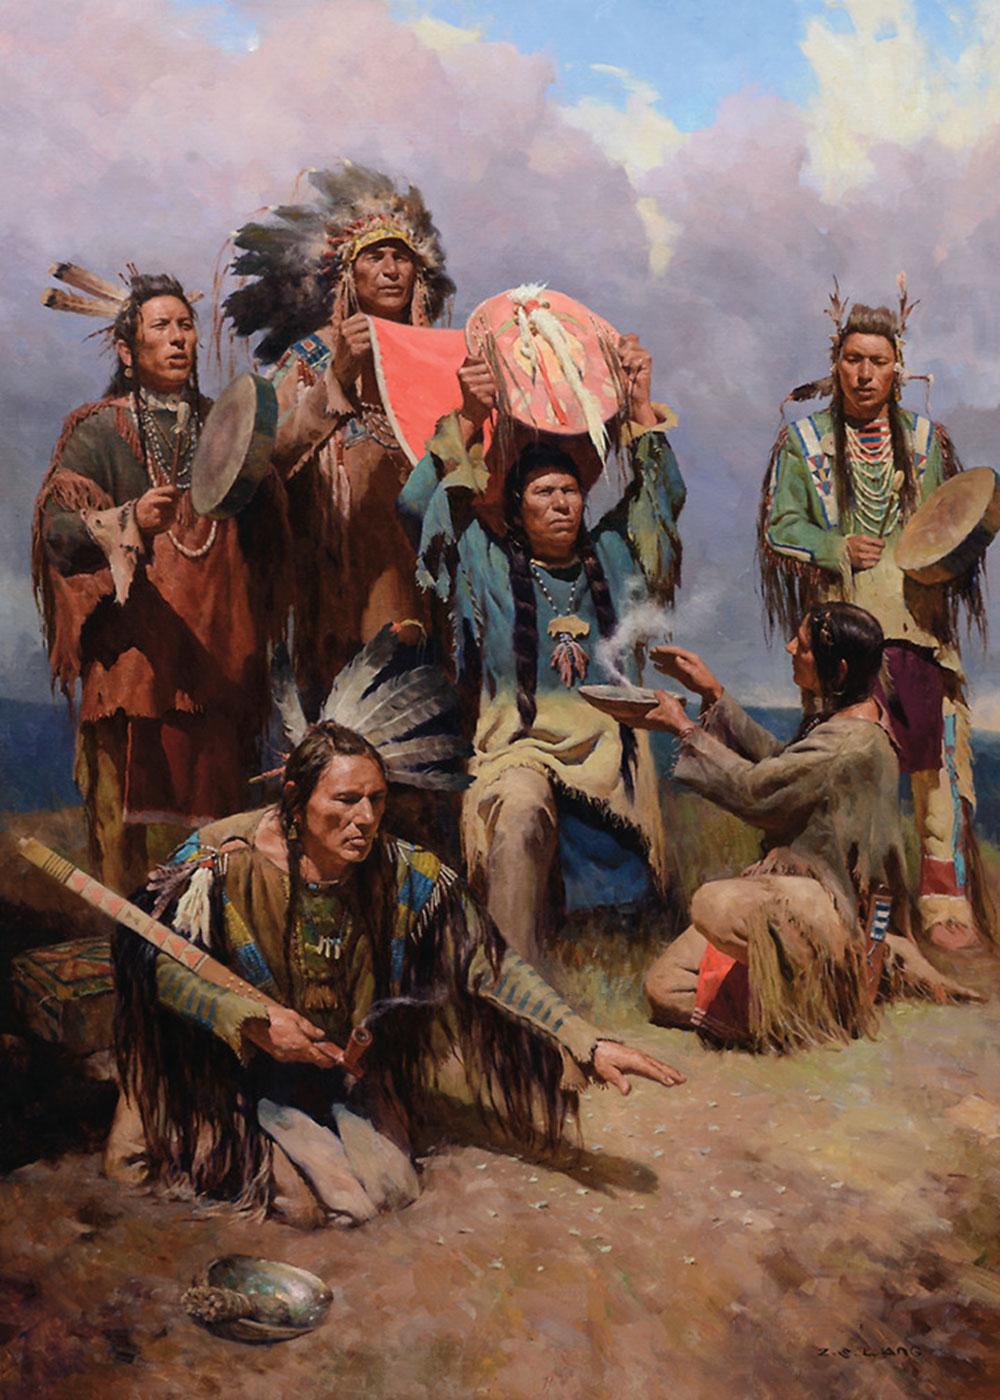 The White Buffalo War Shield Z.S. Liang true west magazine